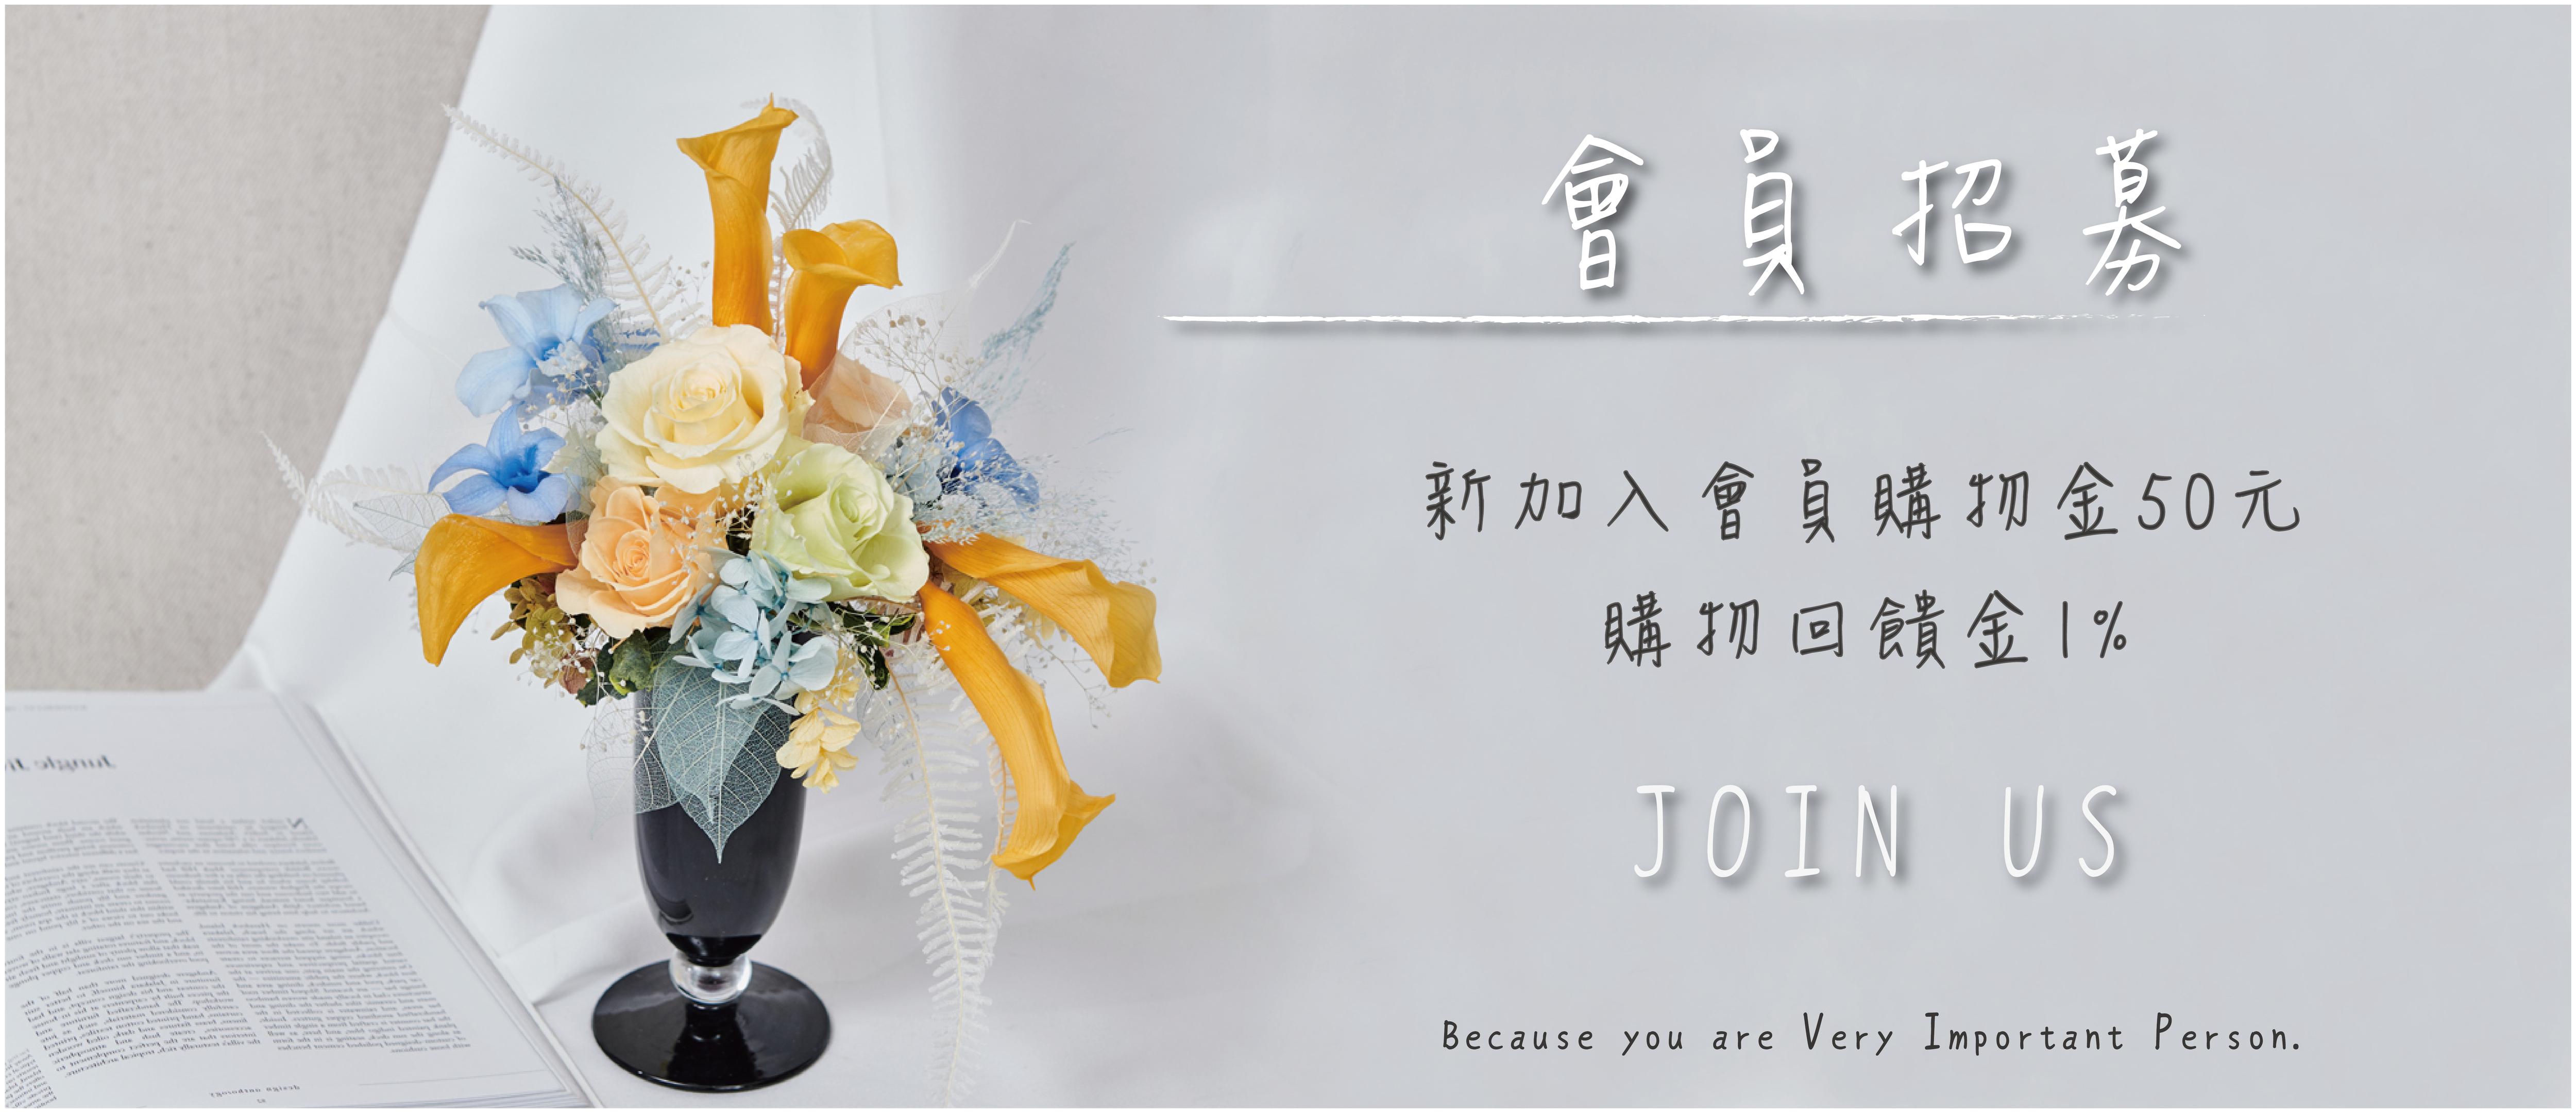 小薇花藝工坊SWFLORIST乾燥花店不凋花店會員招募